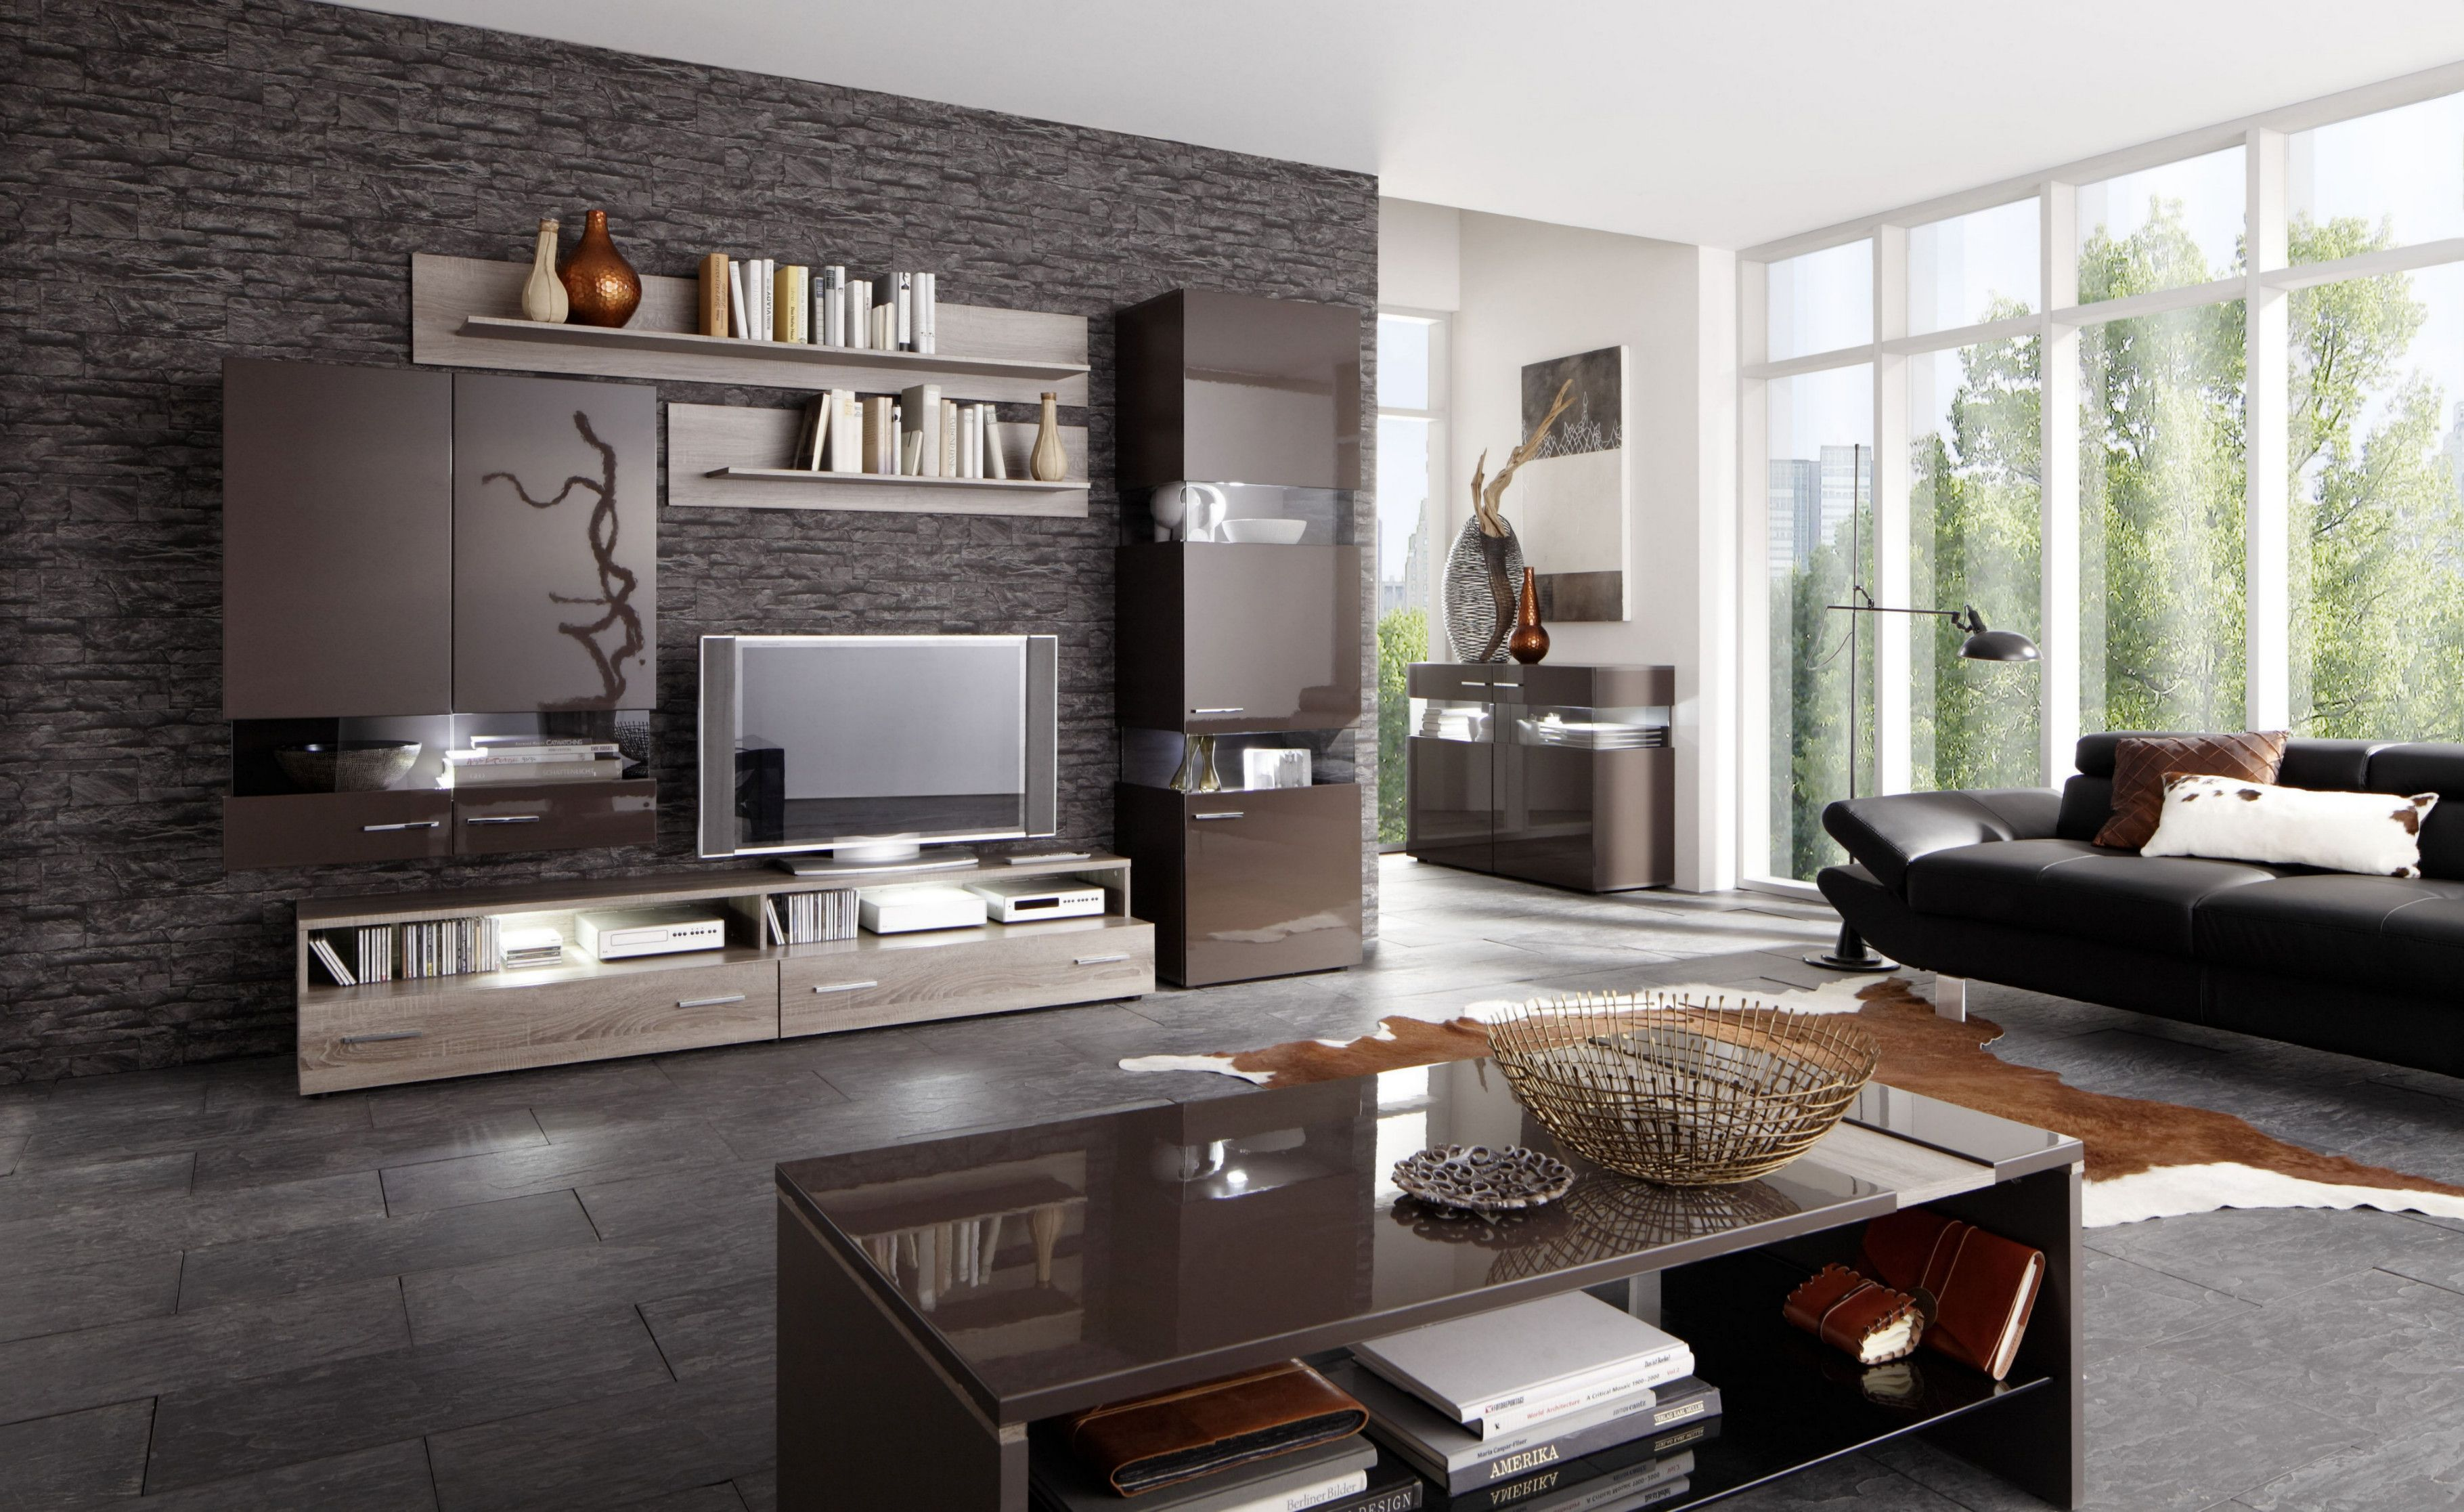 wohnideen wohnzimmer braun türkis  Wohnzimmer modern, Dekoration